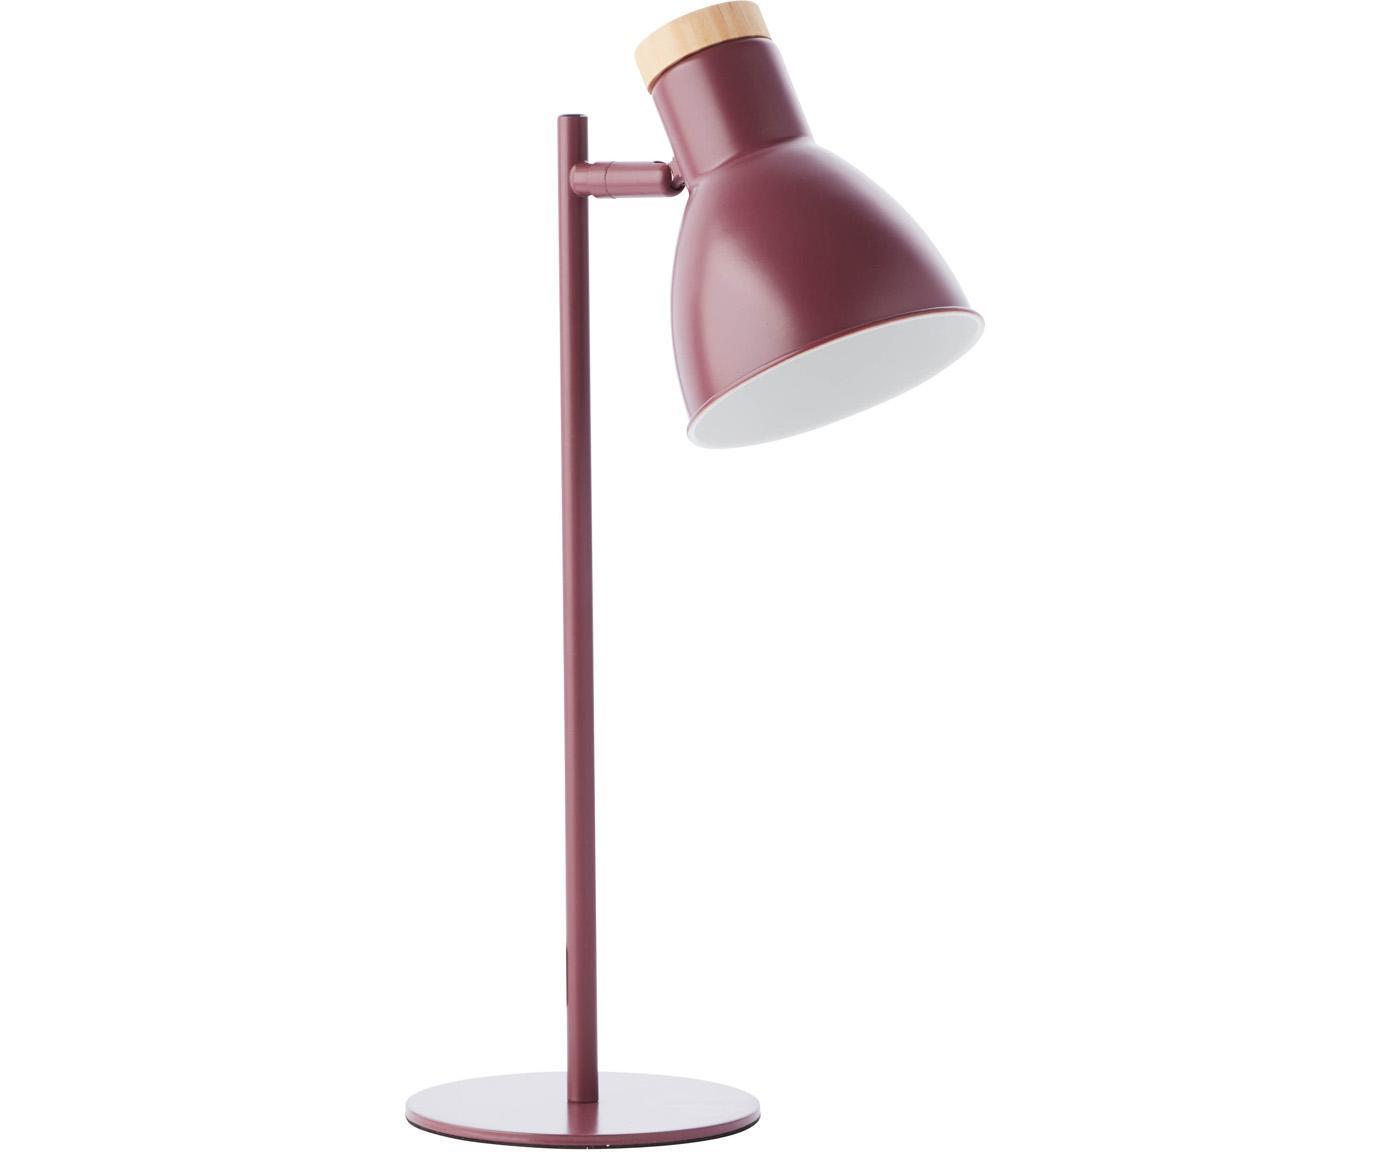 Schreibtischlampe Venea matt, Lampenschirm: Metall, Dunkelrosa, Braun, Ø 15 x H 47 cm